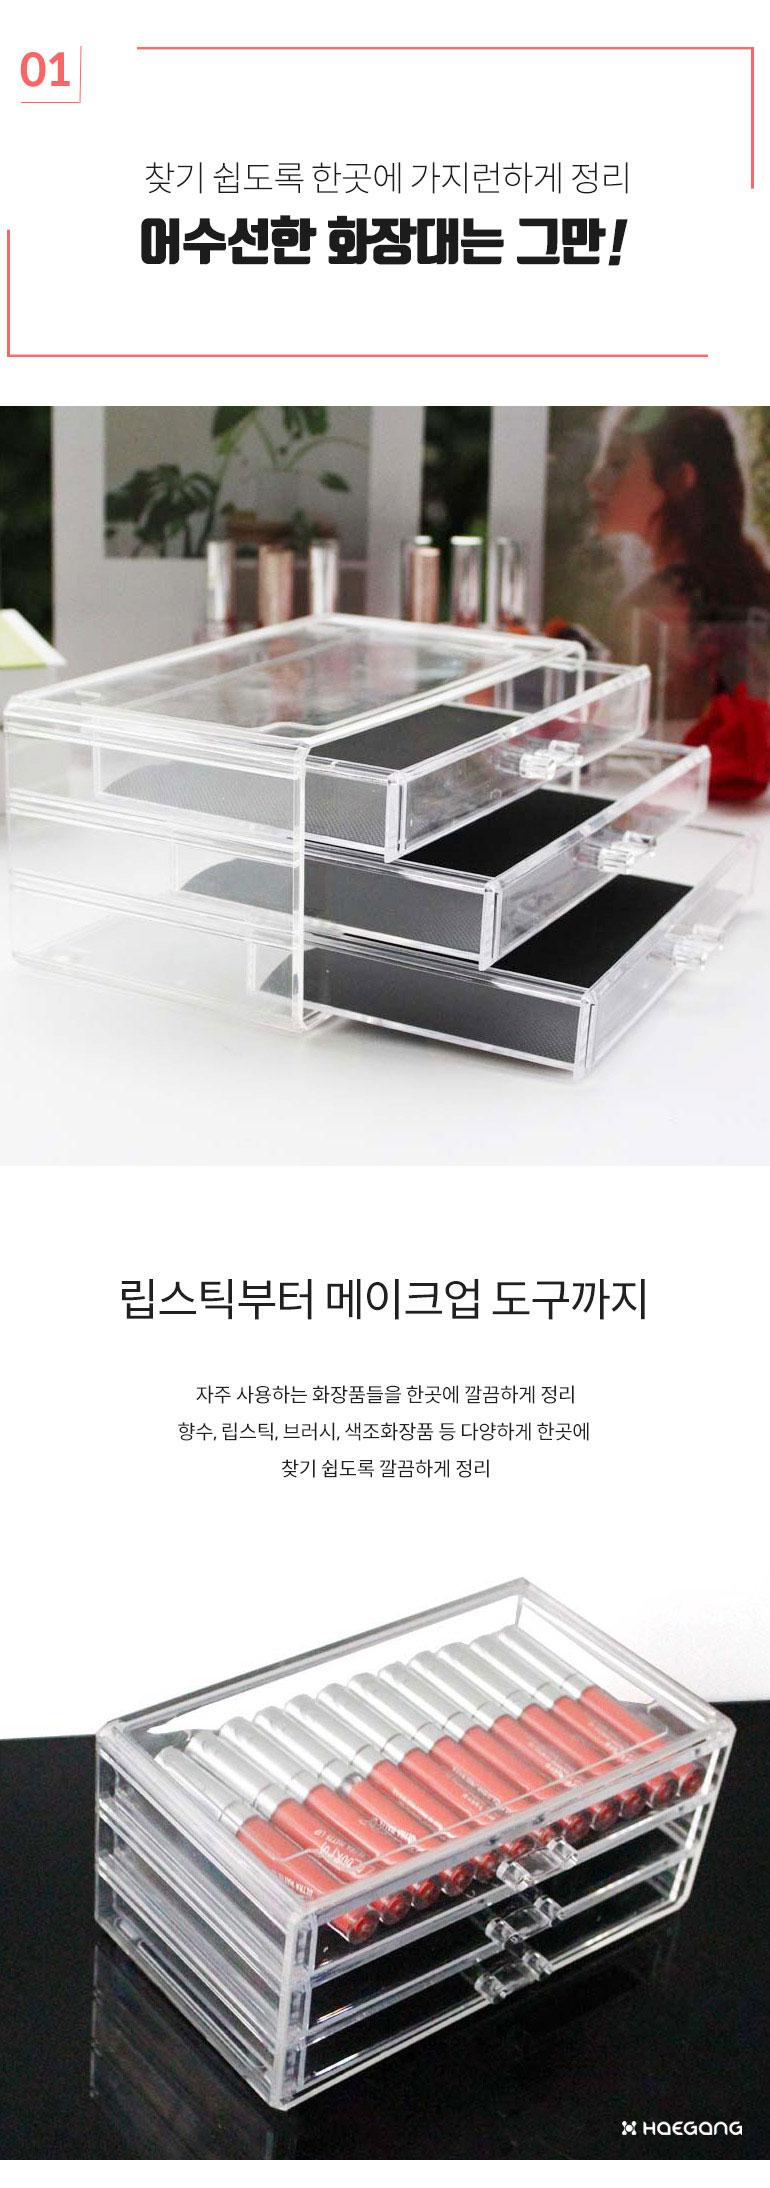 투명 아크릴 3단 화장대 정리서랍장 - 세일덕, 16,800원, 정리함, 화장품정리함